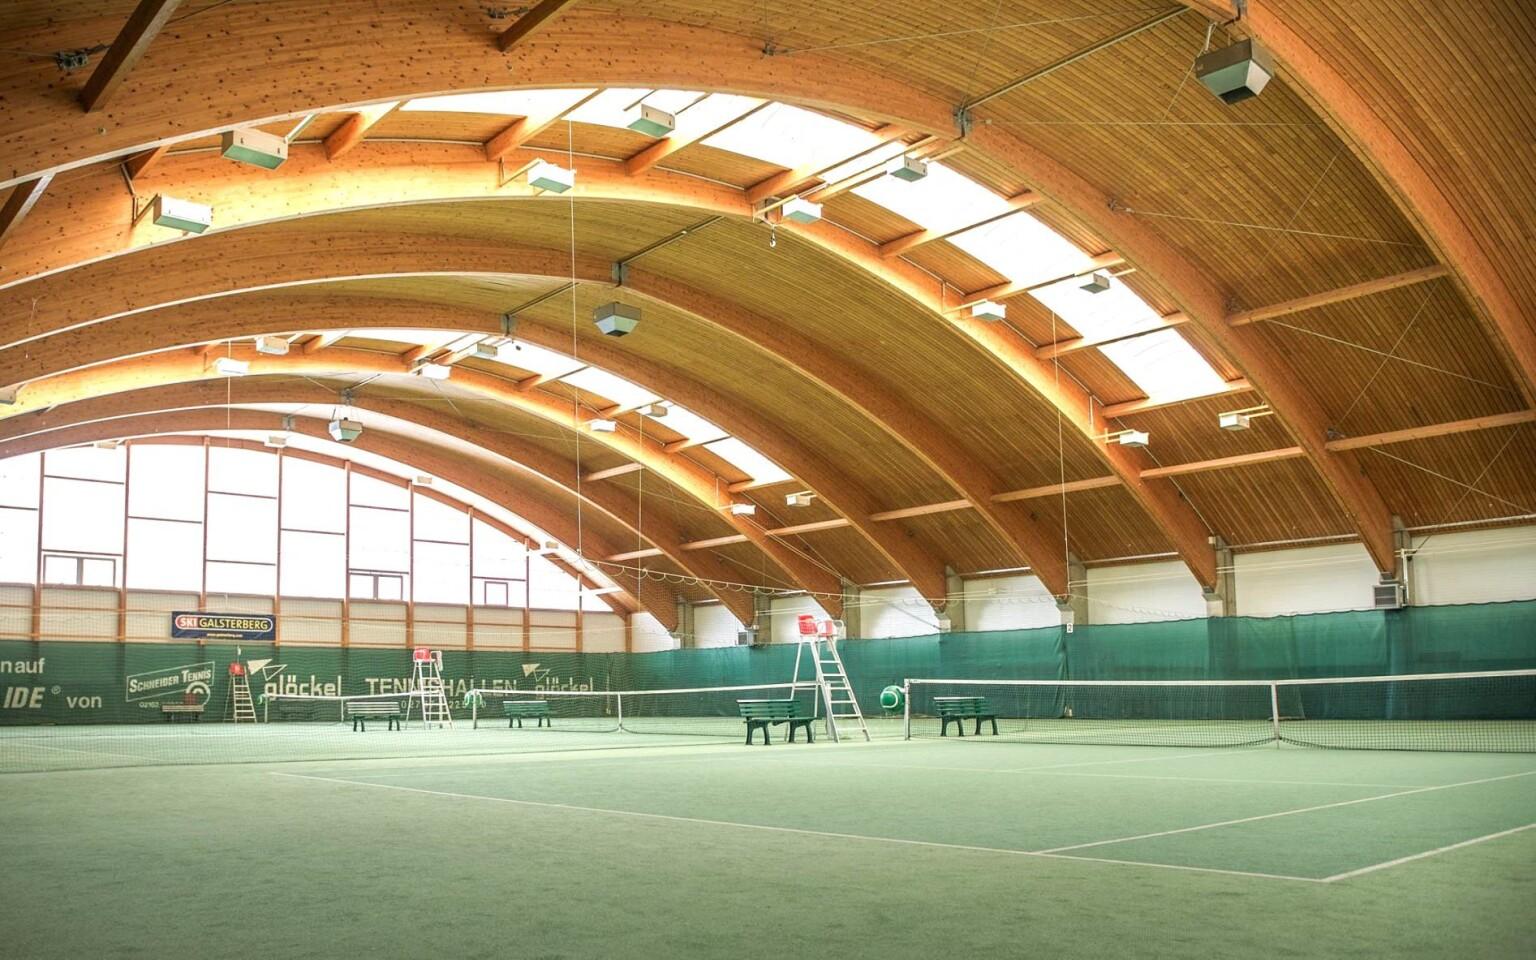 Sportsarea Grimming *** má aj vnútorné tenisové kurty